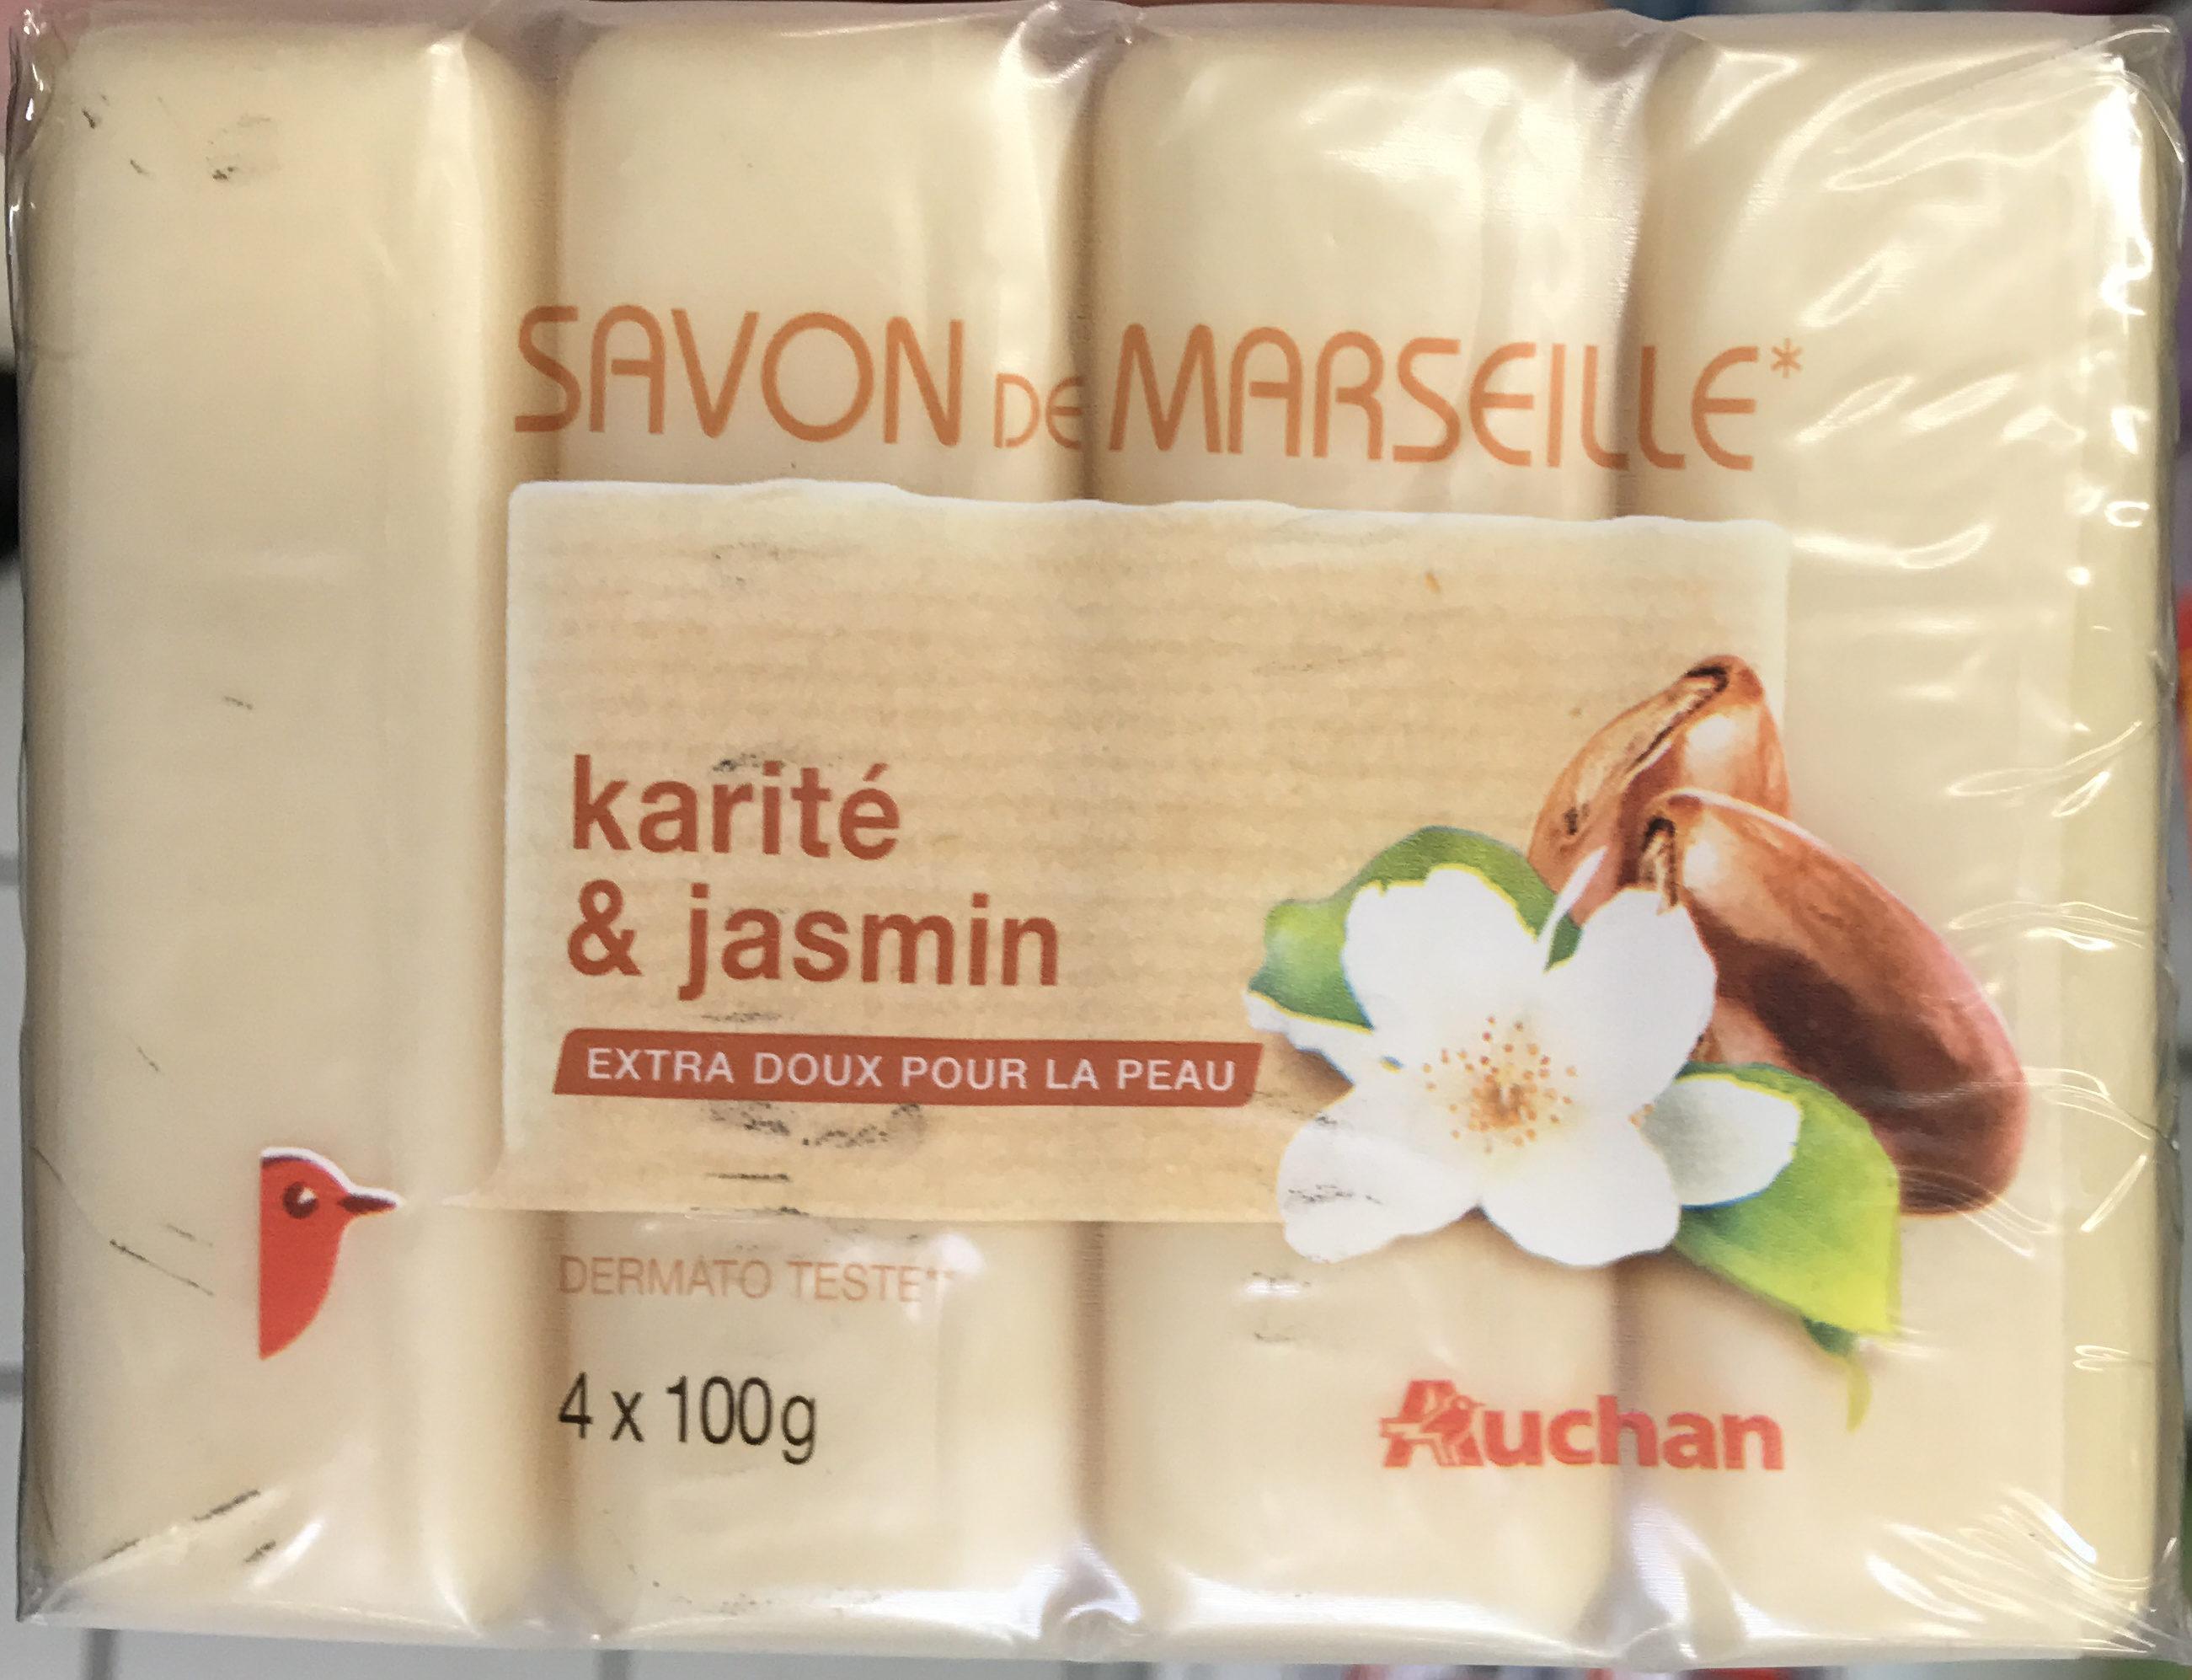 Savon de Marseille Karité & Jasmin - Product - fr